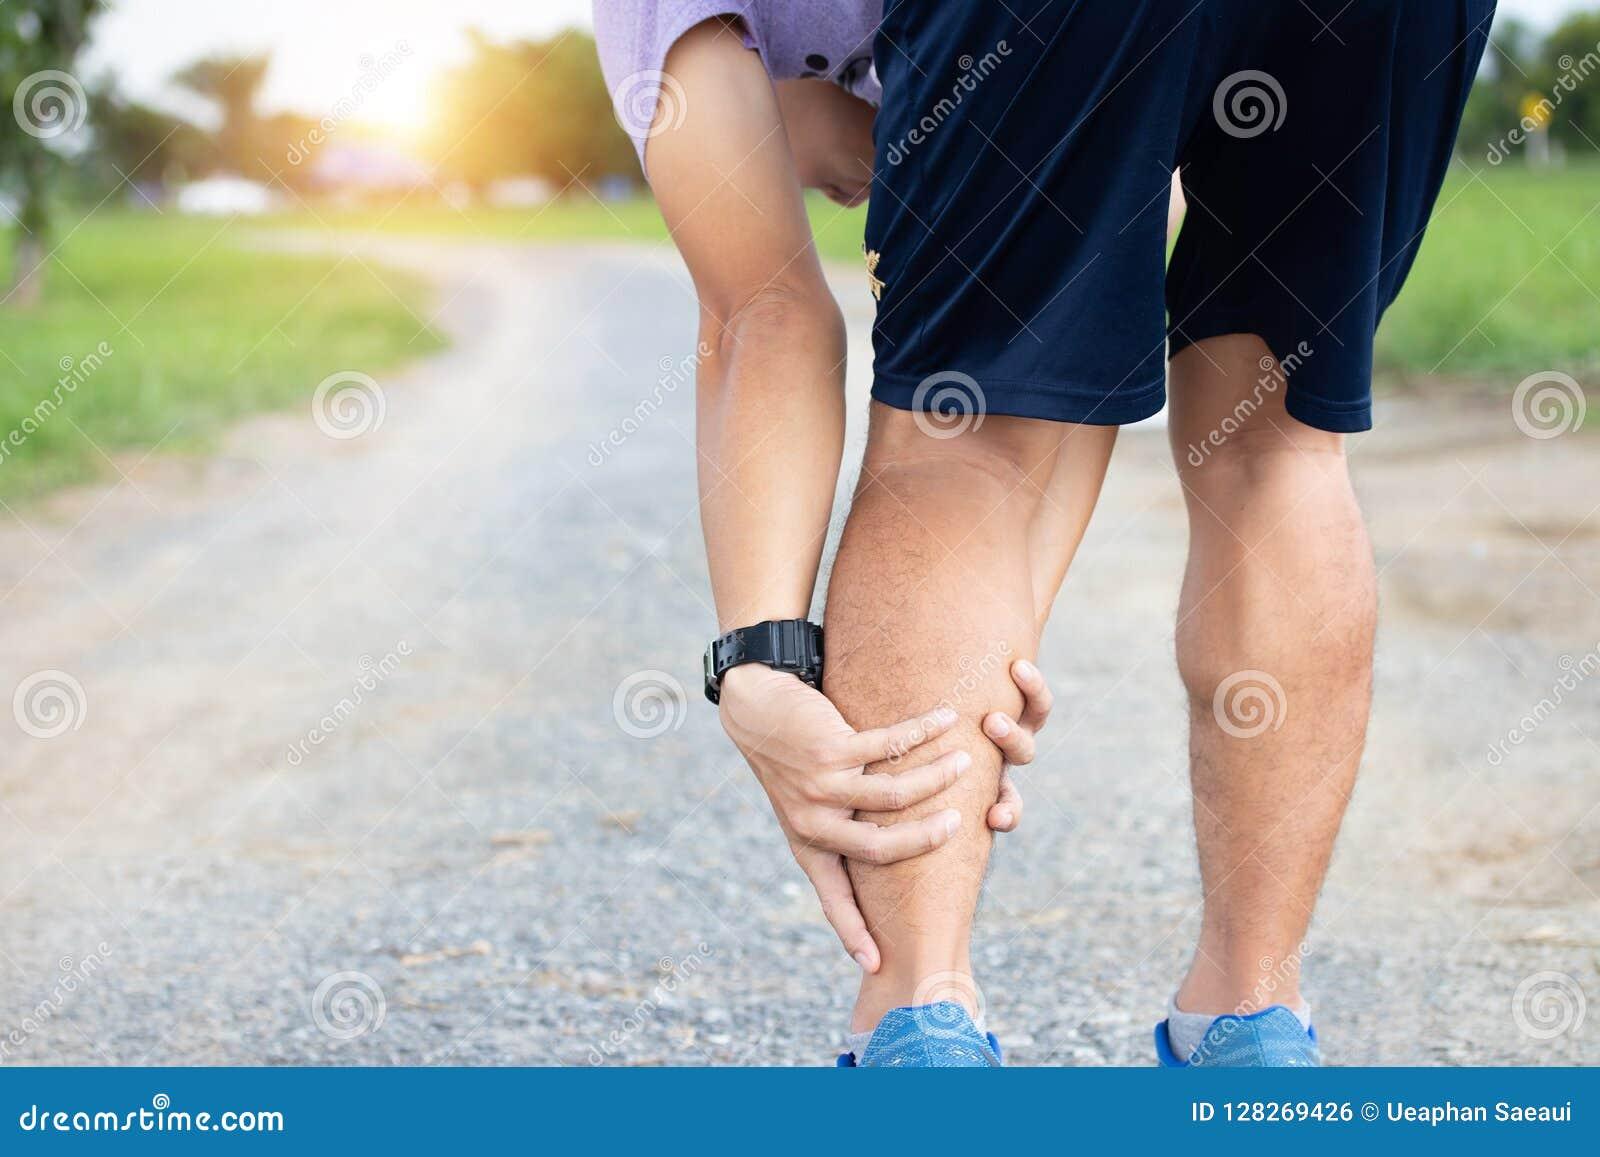 Músculo e lesão no calcanhar masculinos do corredor do atleta após movimentar-se Athle